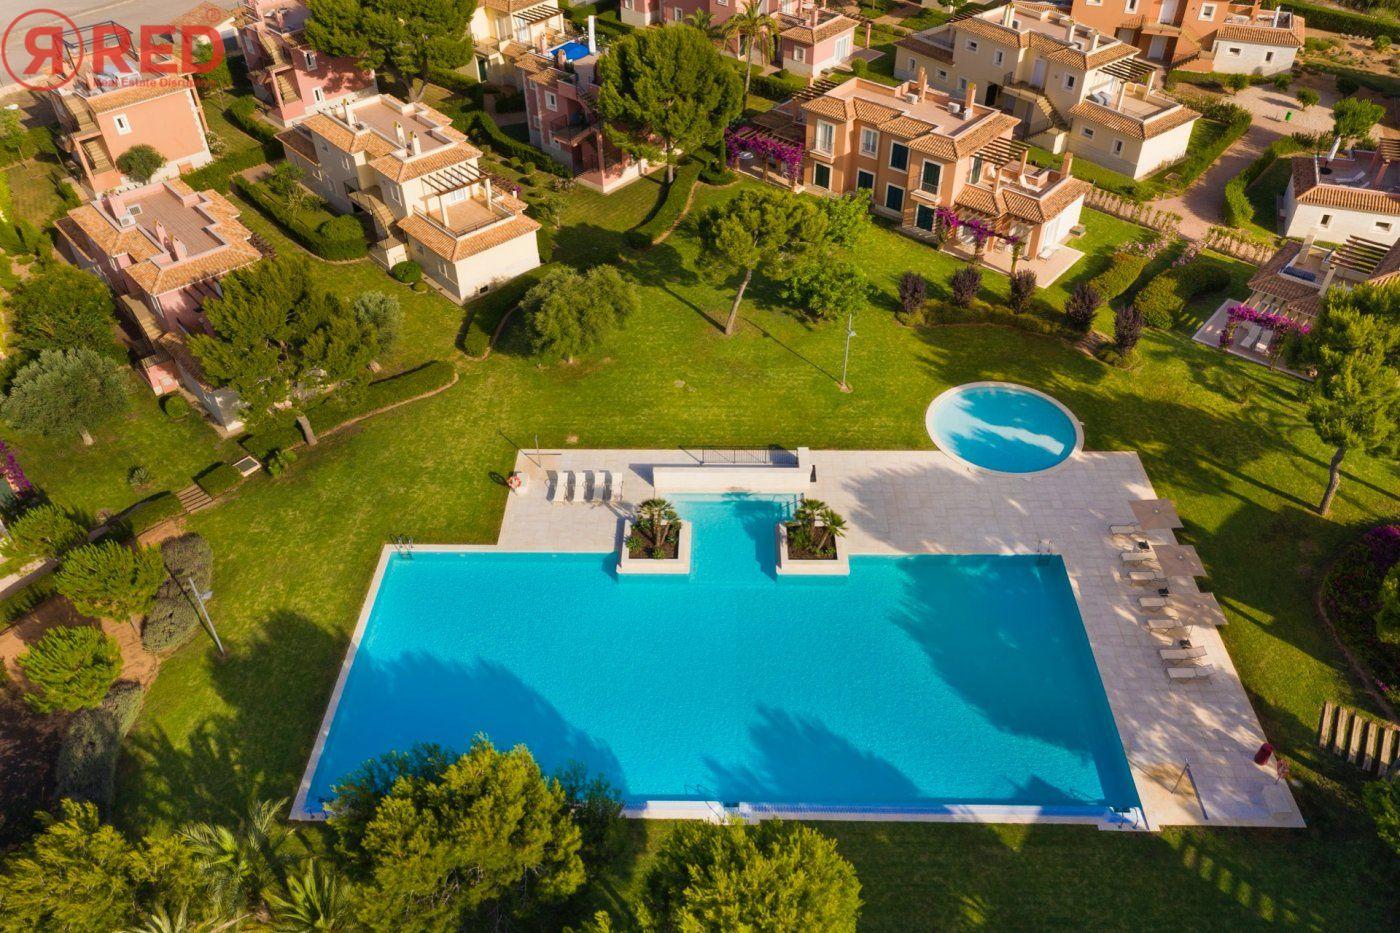 Se vende exclusivas viviendas de lujo en mallorca - imagenInmueble15